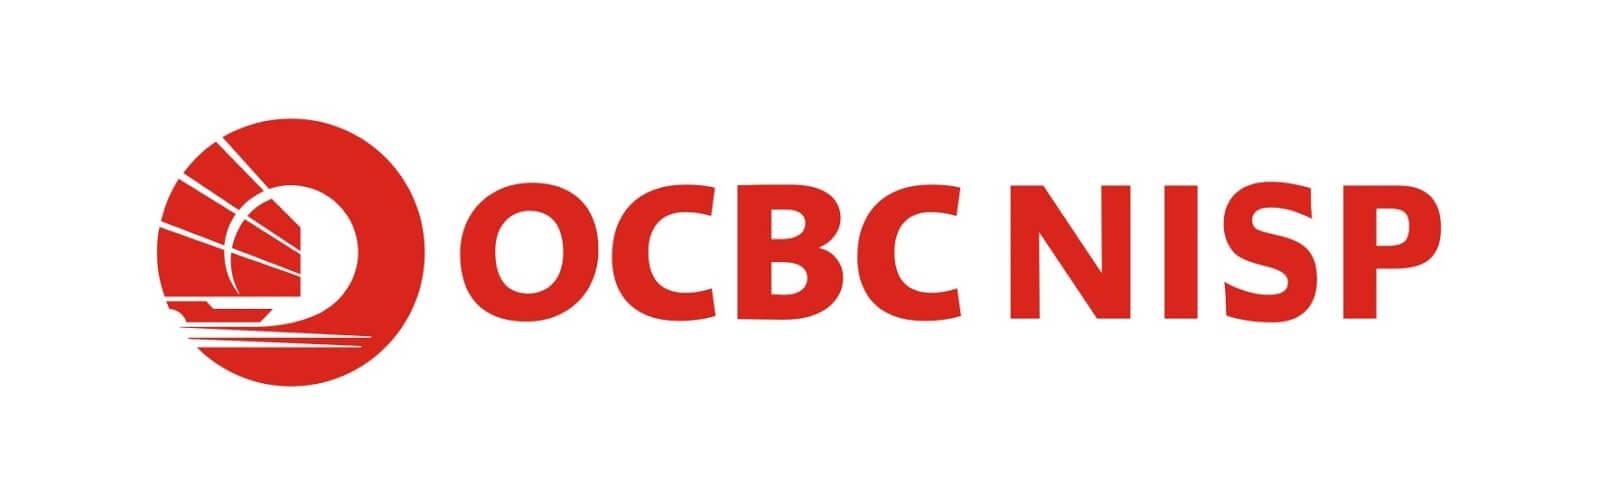 OCBC NISP - Daftar KTA Kilat Terbaik dan Terpercaya di Tahun 2020